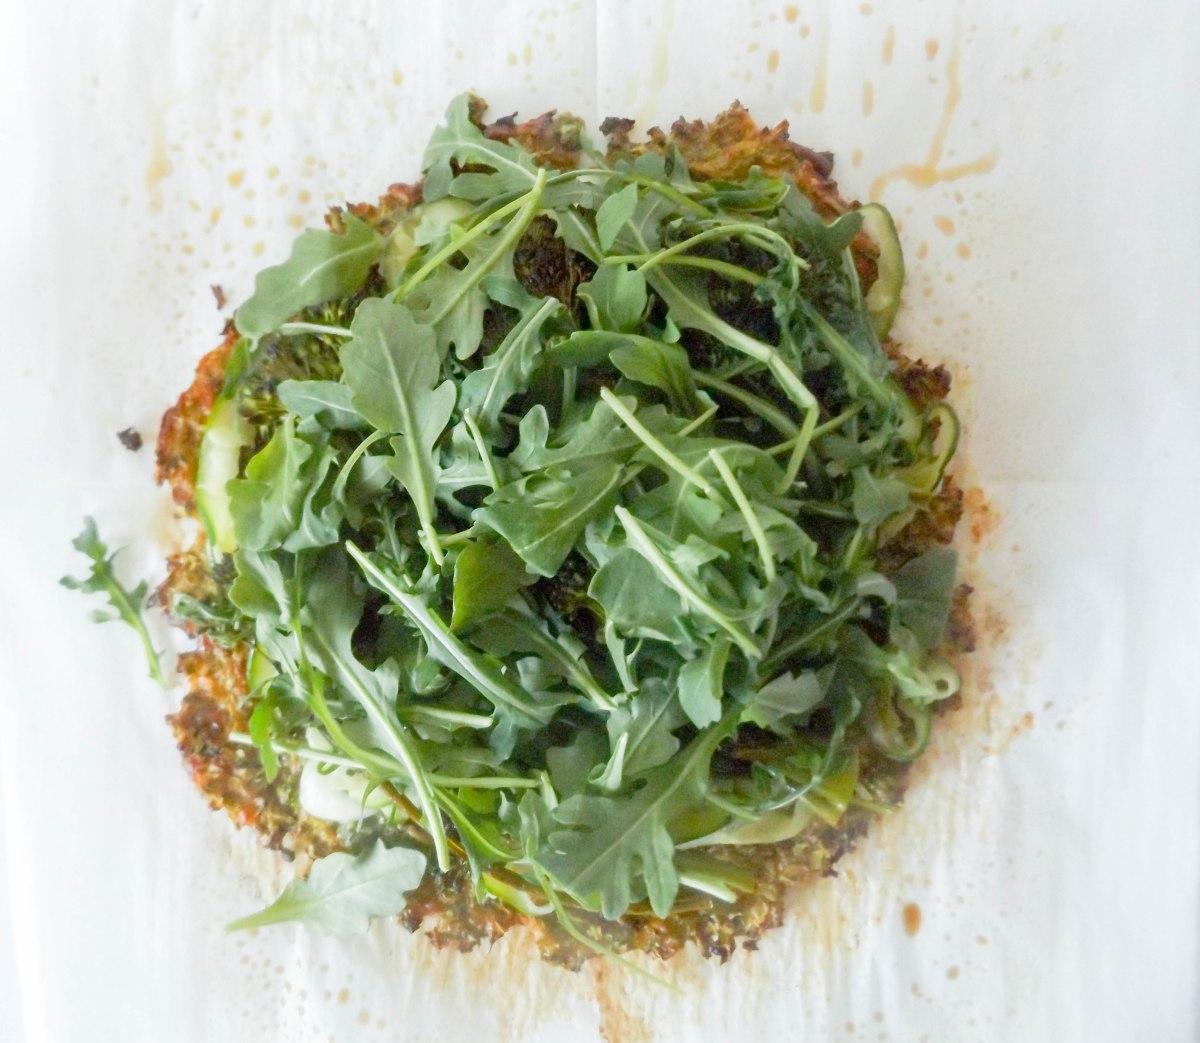 super-greens-pizza-1-of-1-9